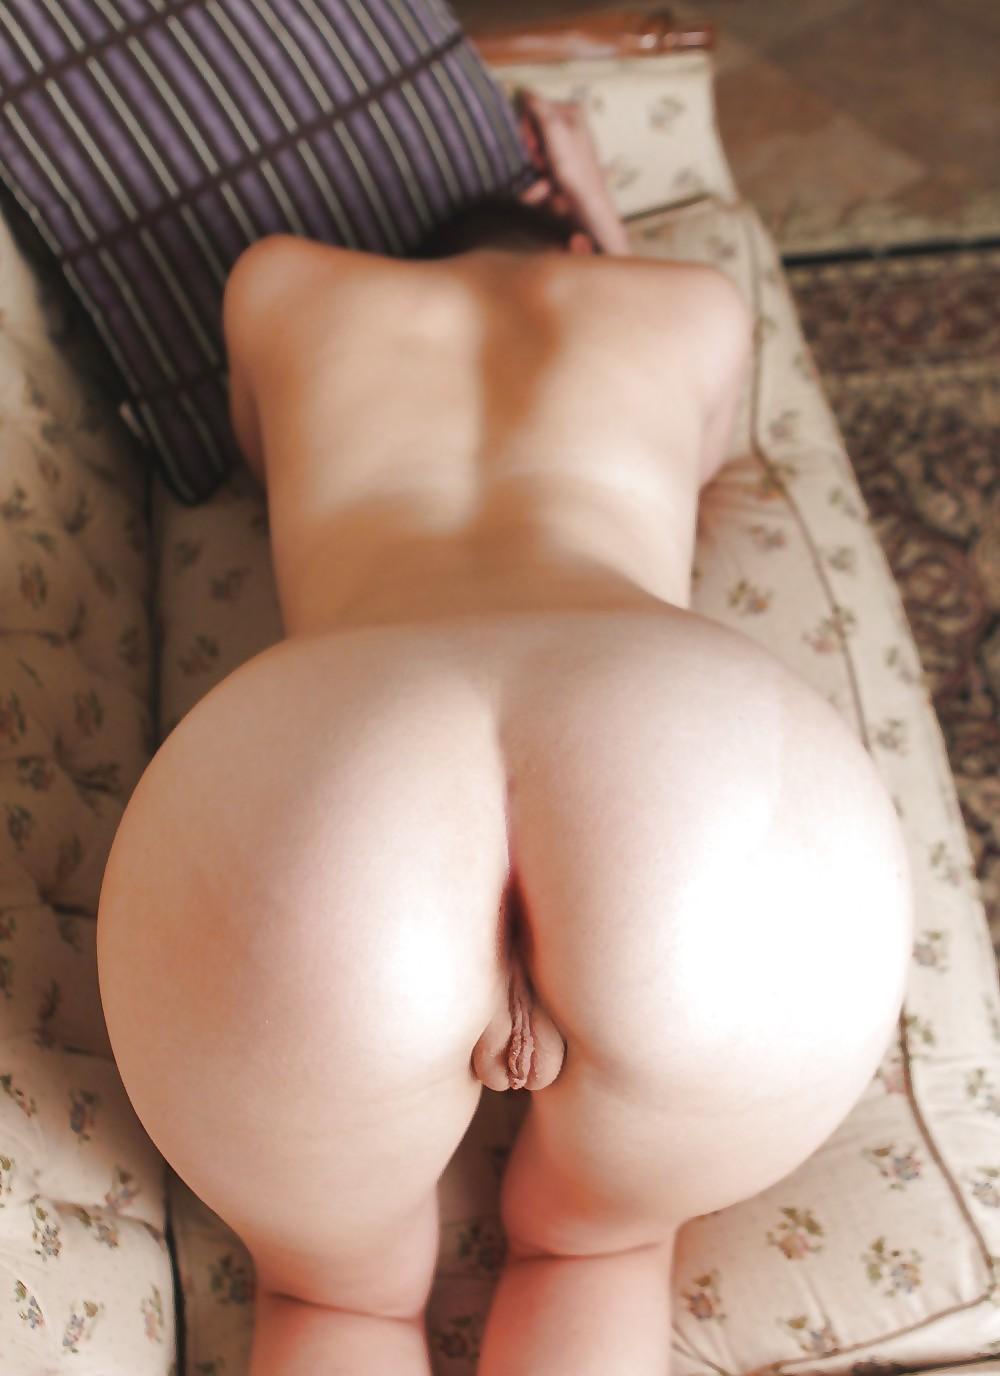 Молодожены фото женские попки сзади раком порно пьяные толстушки